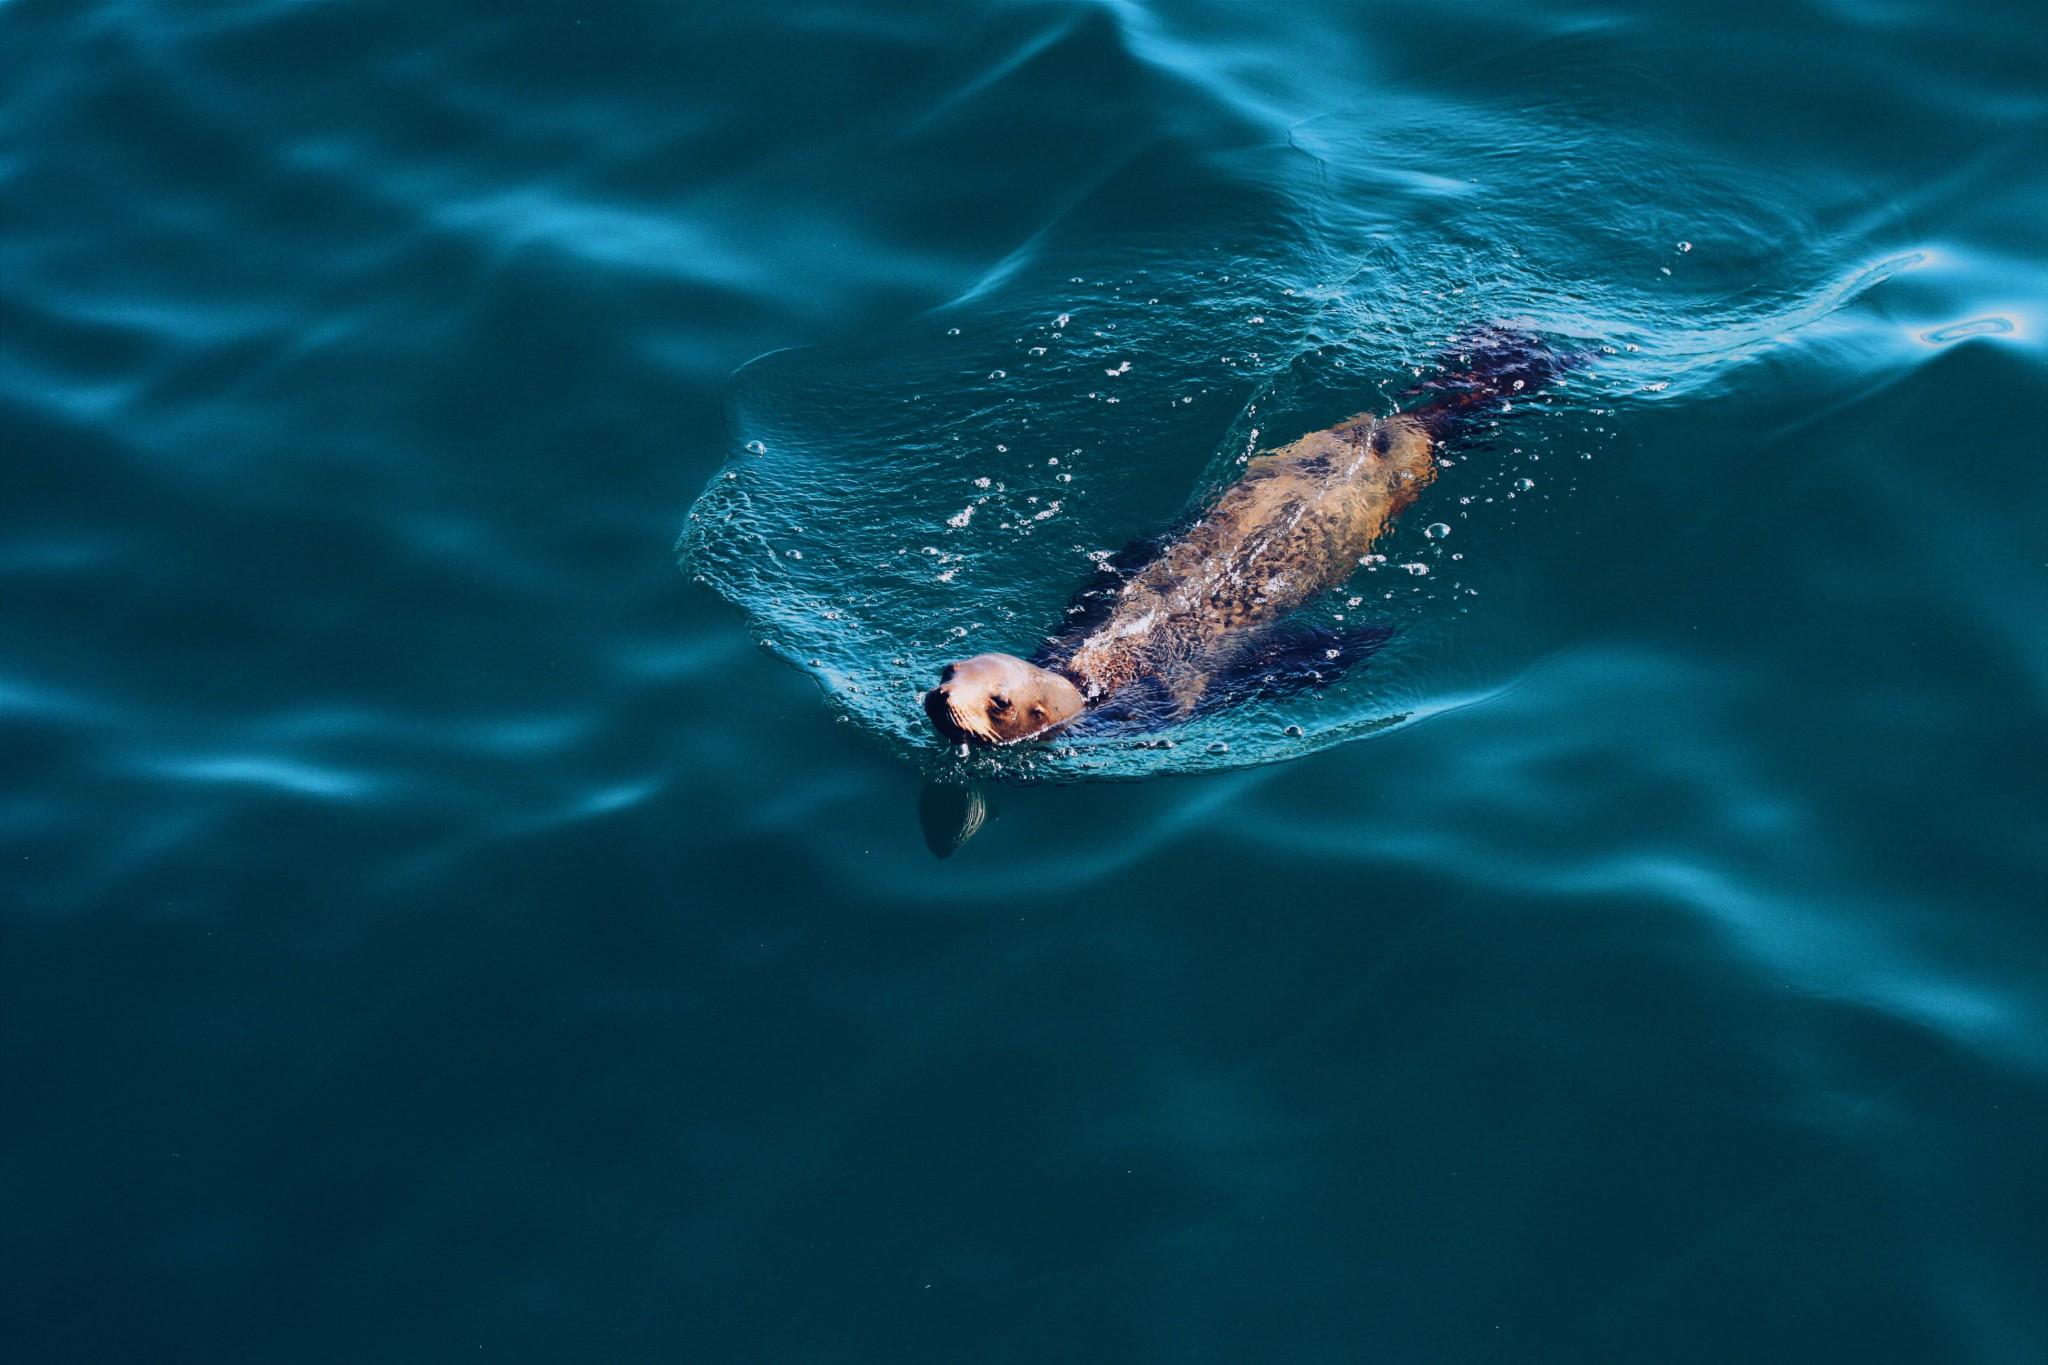 darius-k-sel-livet-i-havet-ocean